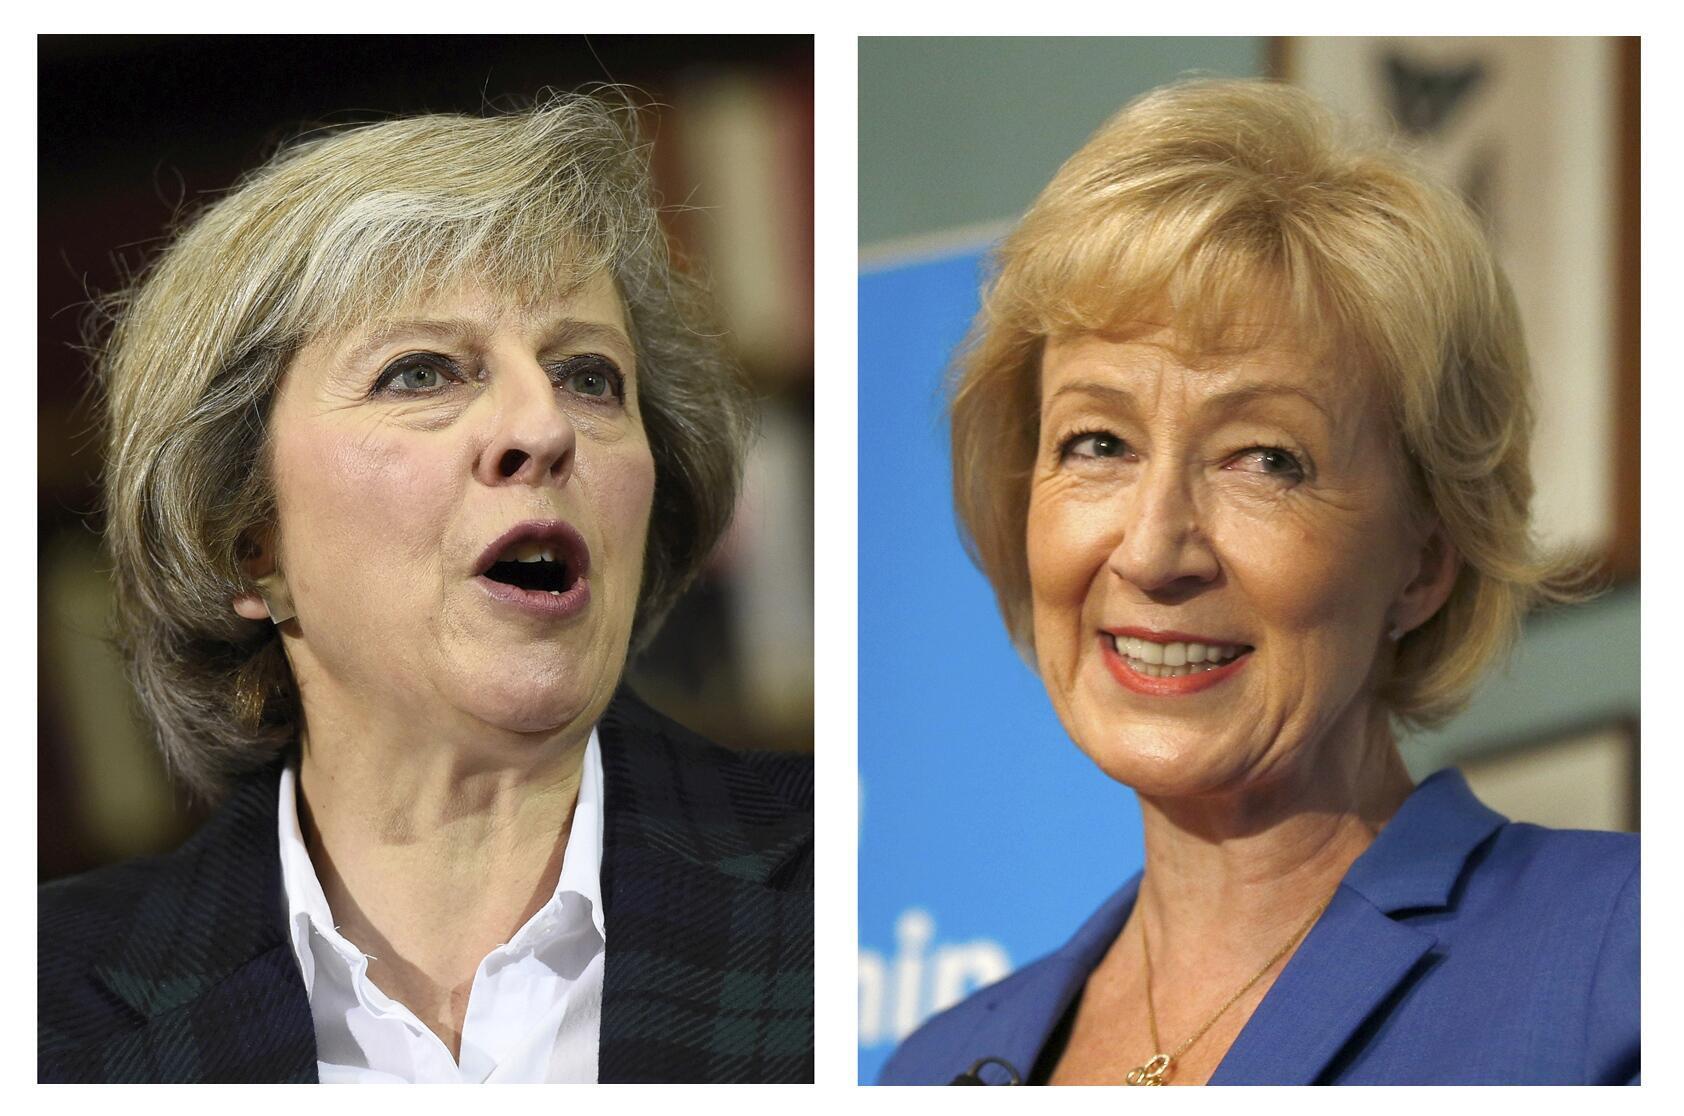 Theresa May (à gauche) et Andrea Leadsom vont s'affronter pour prendre la tête du parti conservateur britannique.